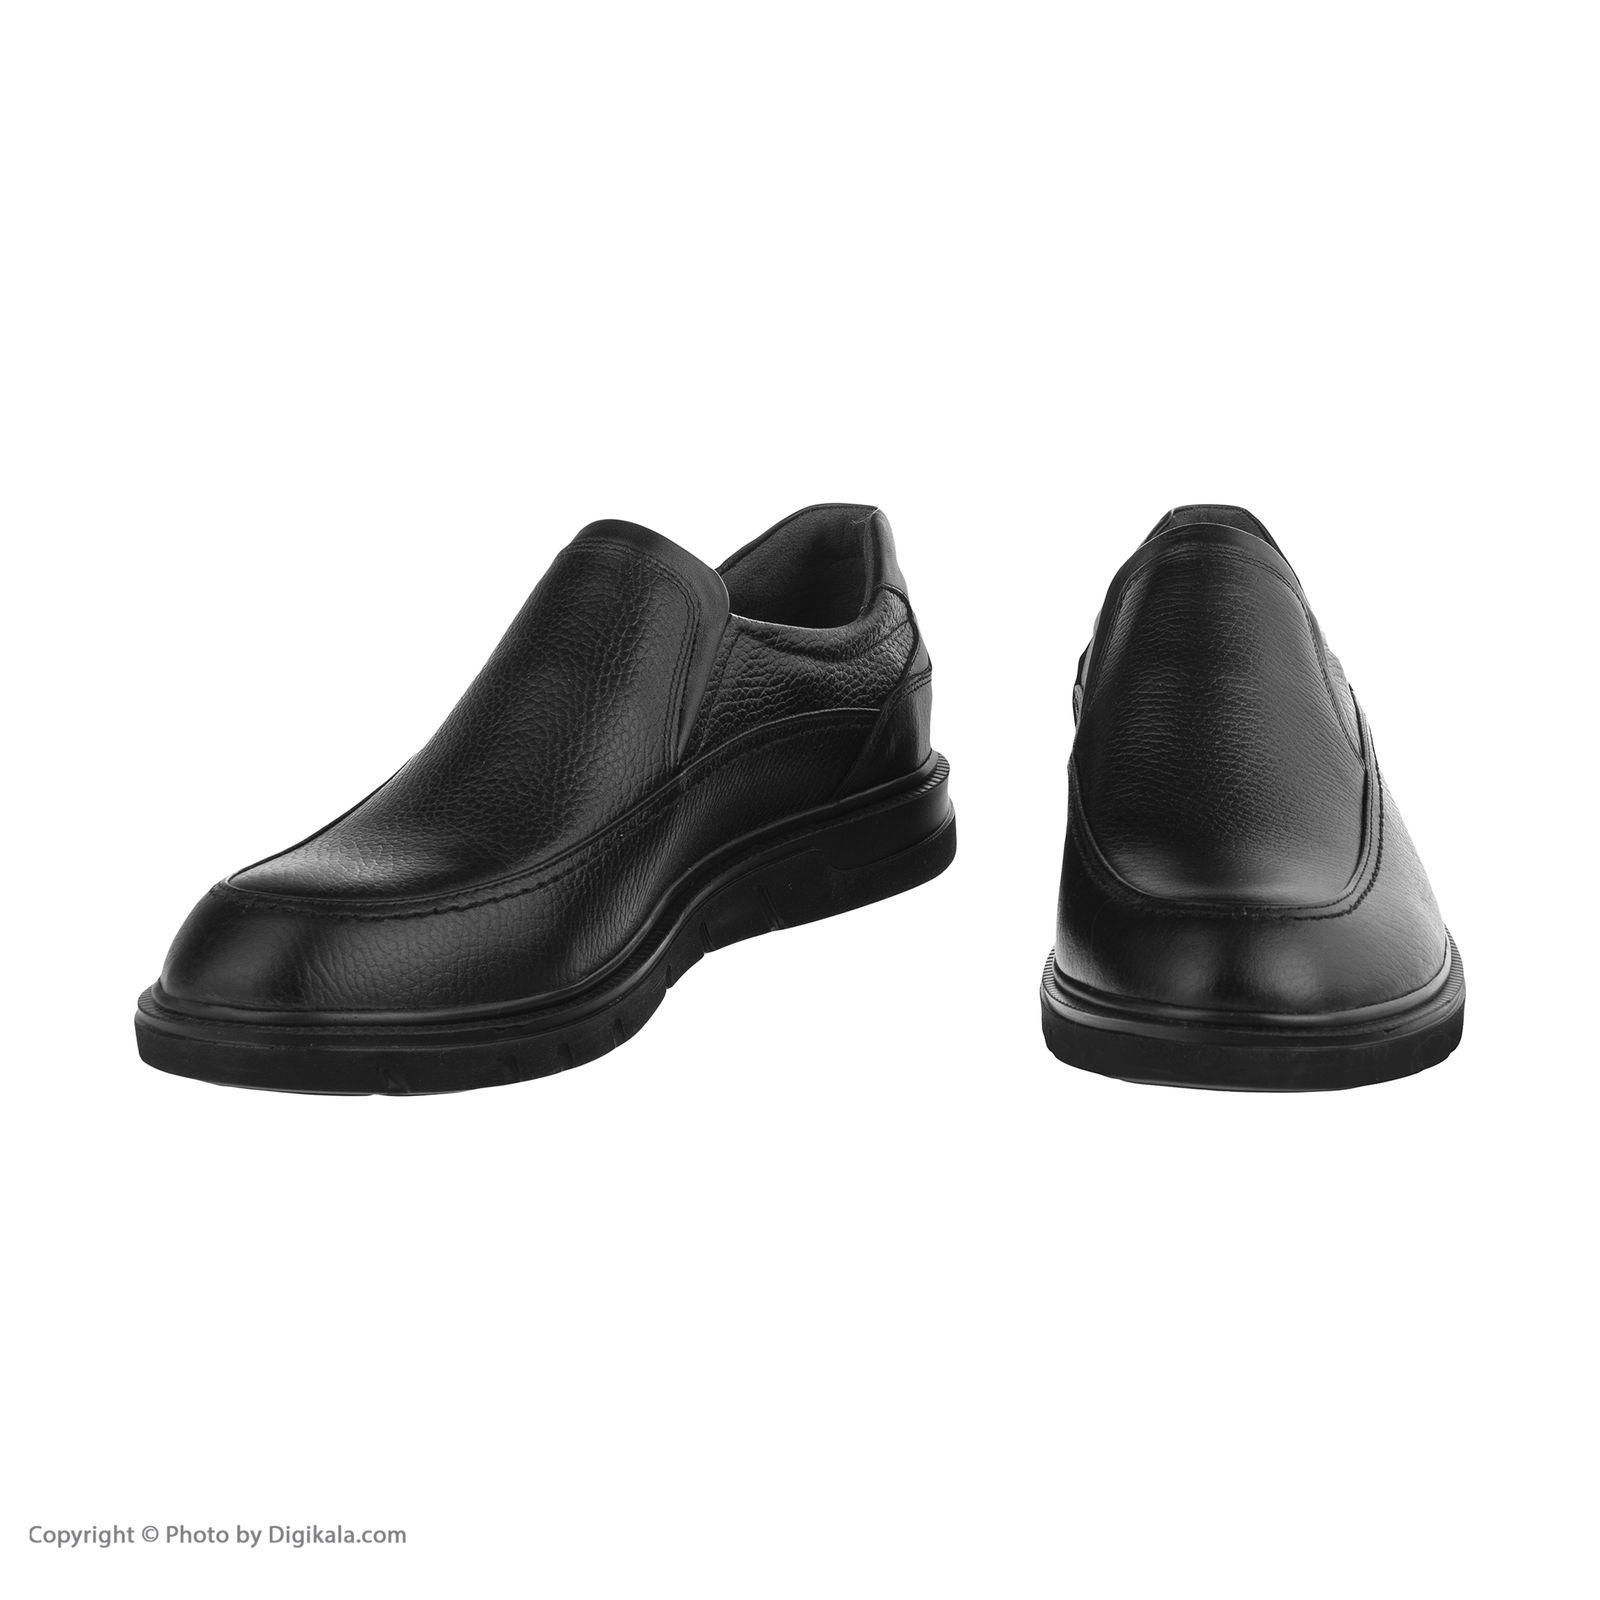 کفش روزمره مردانه سوته مدل 5018A503101 -  - 8